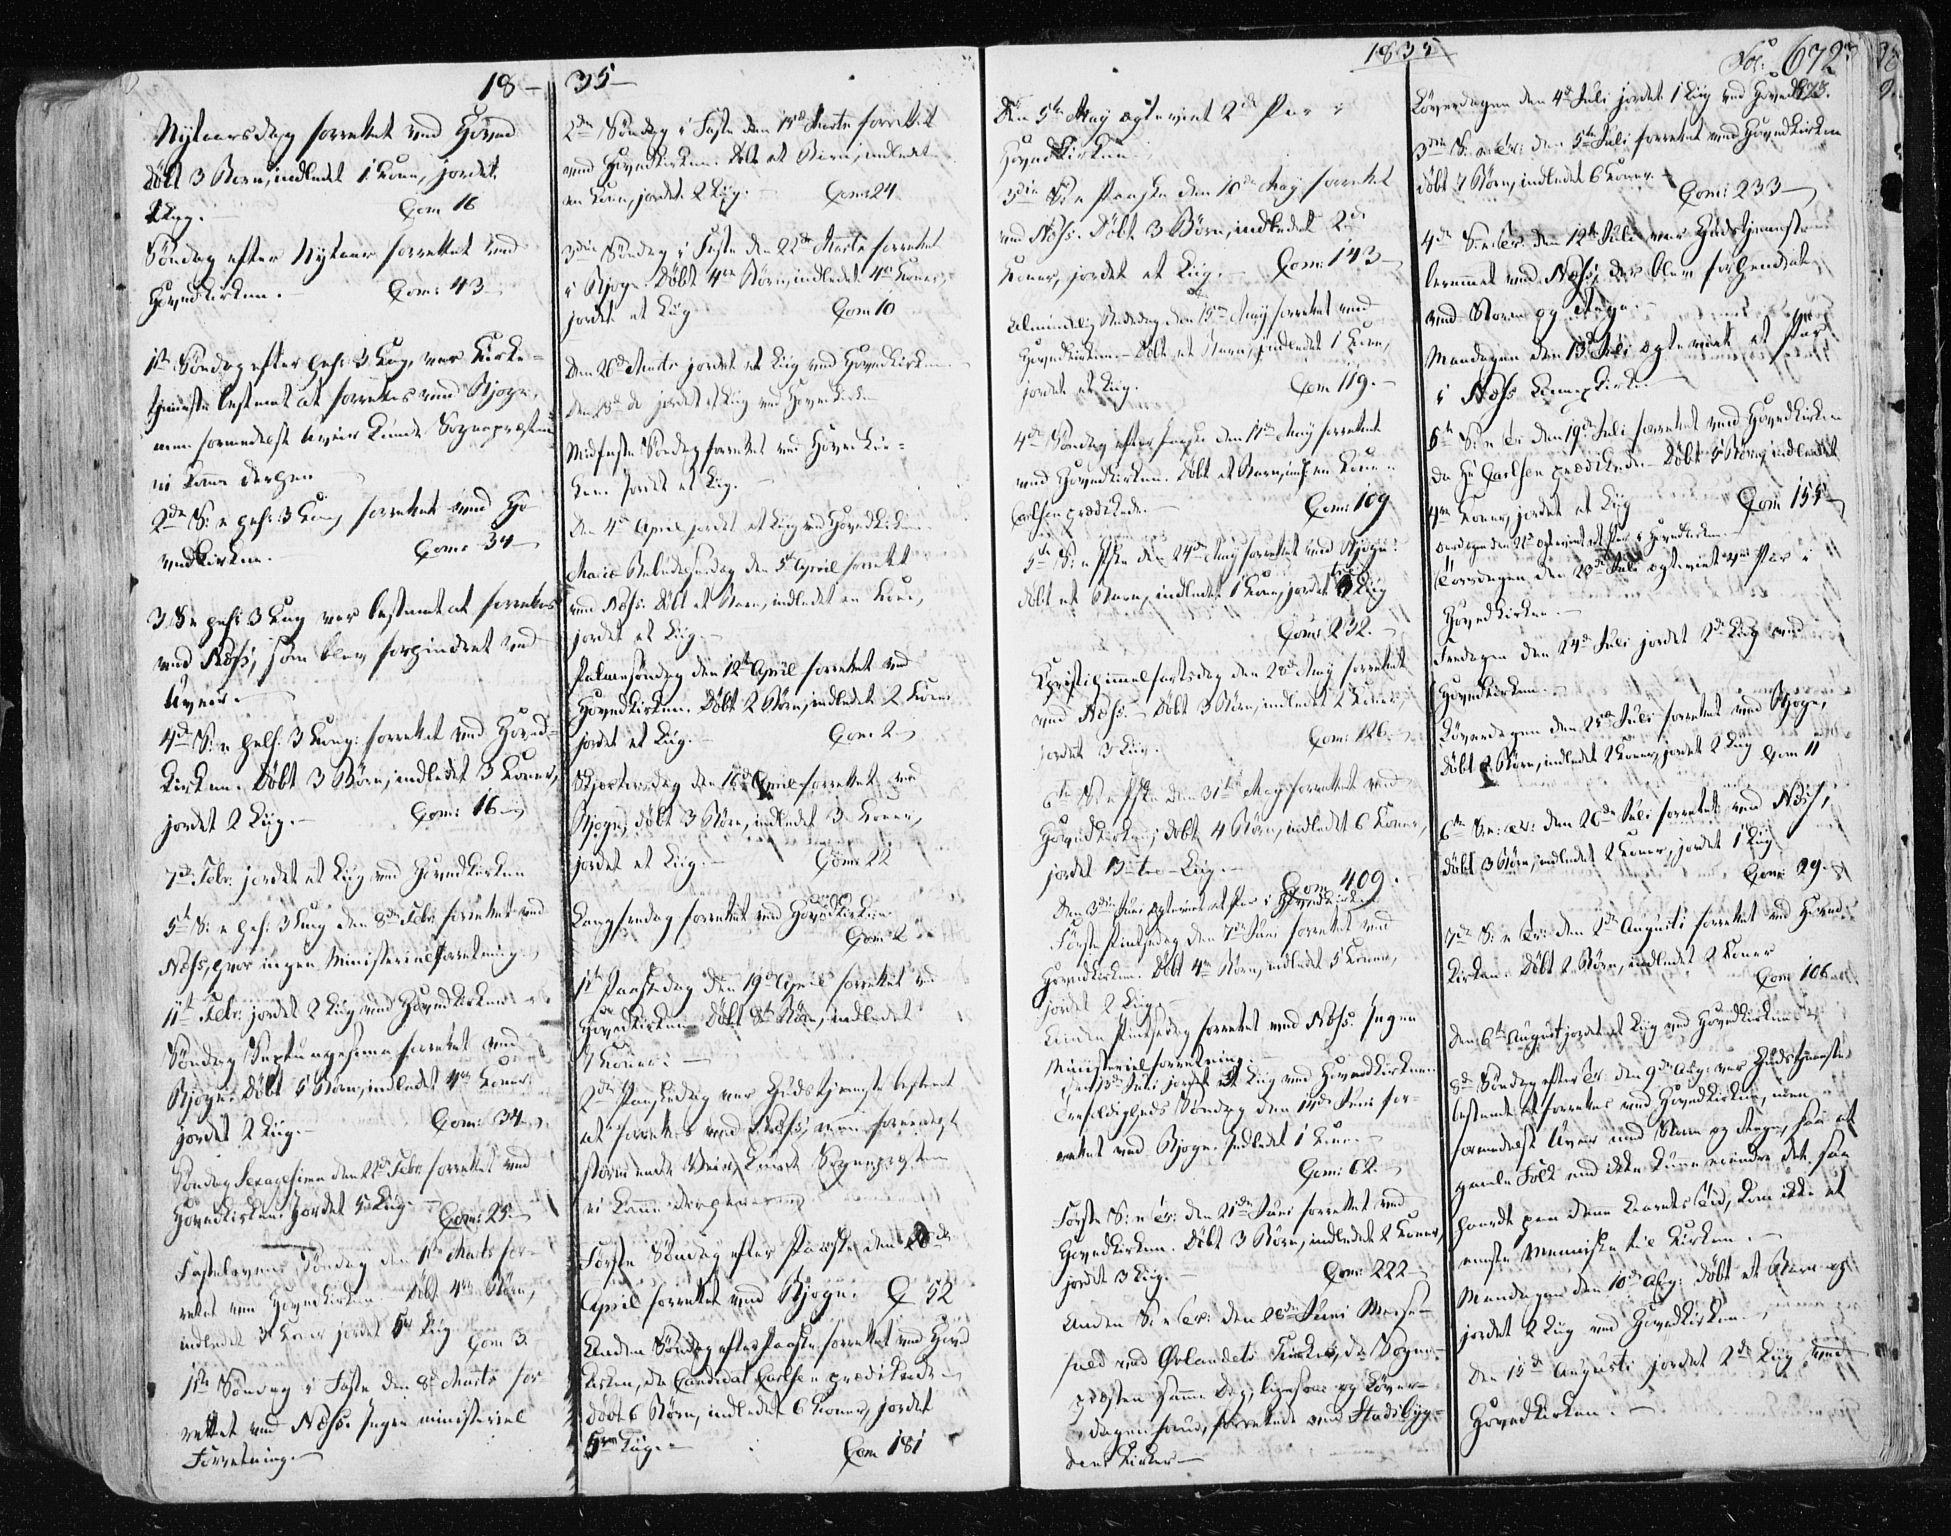 SAT, Ministerialprotokoller, klokkerbøker og fødselsregistre - Sør-Trøndelag, 659/L0735: Ministerialbok nr. 659A05, 1826-1841, s. 672